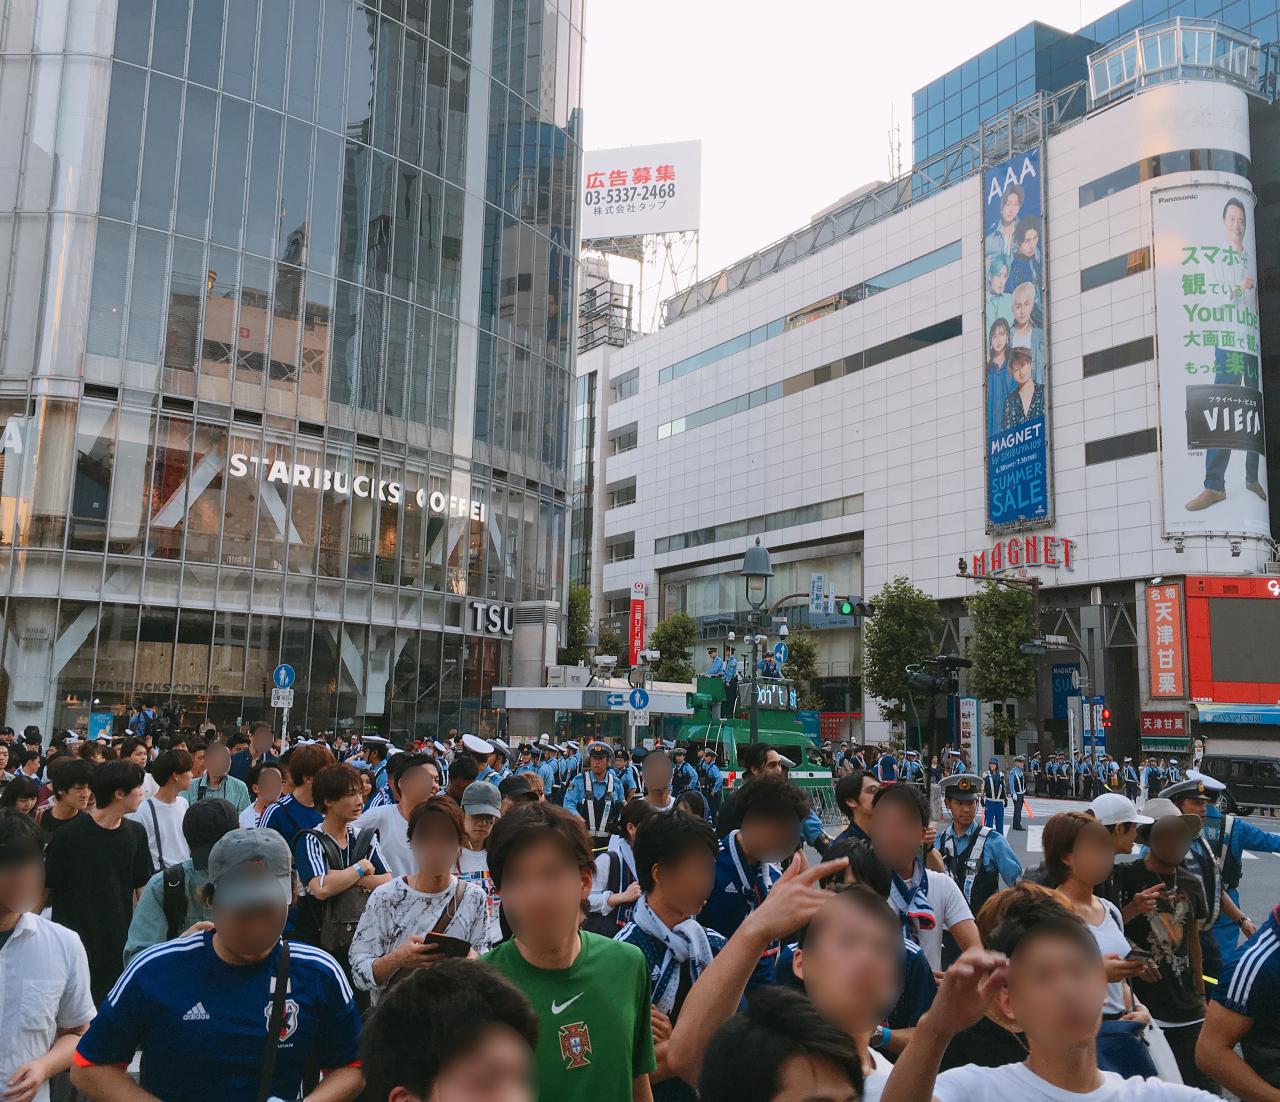 6月3日早朝の渋谷スクランブル交差点 騒ぐこともなく職場や家路に散っていった。